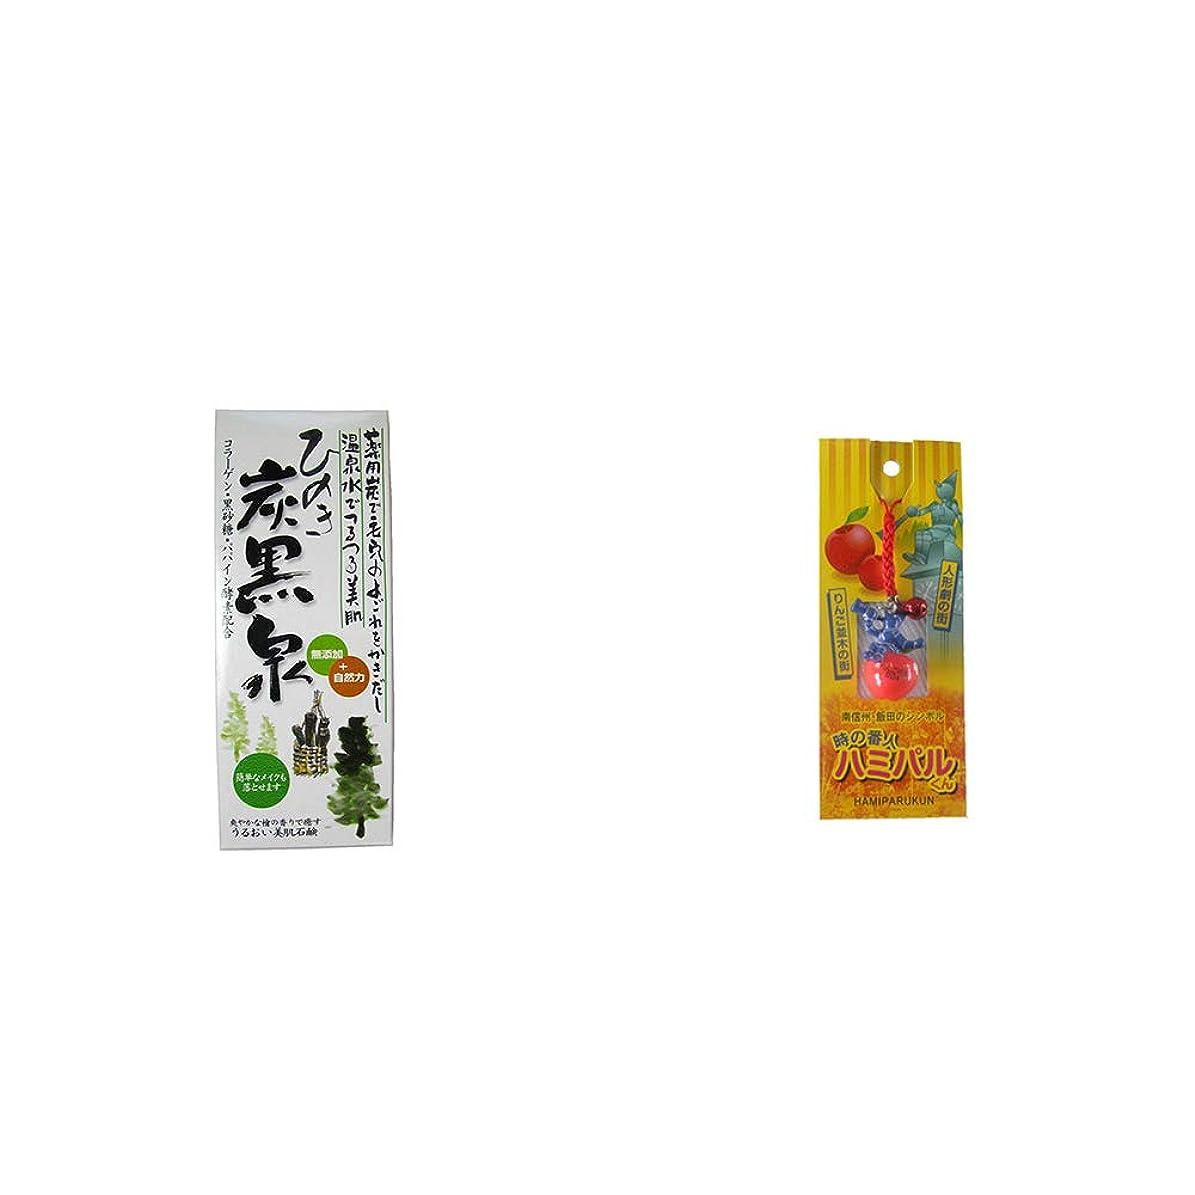 愛国的な代名詞特異な[2点セット] ひのき炭黒泉 箱入り(75g×3)?信州?飯田のシンボル 時の番人ハミパルくんストラップ